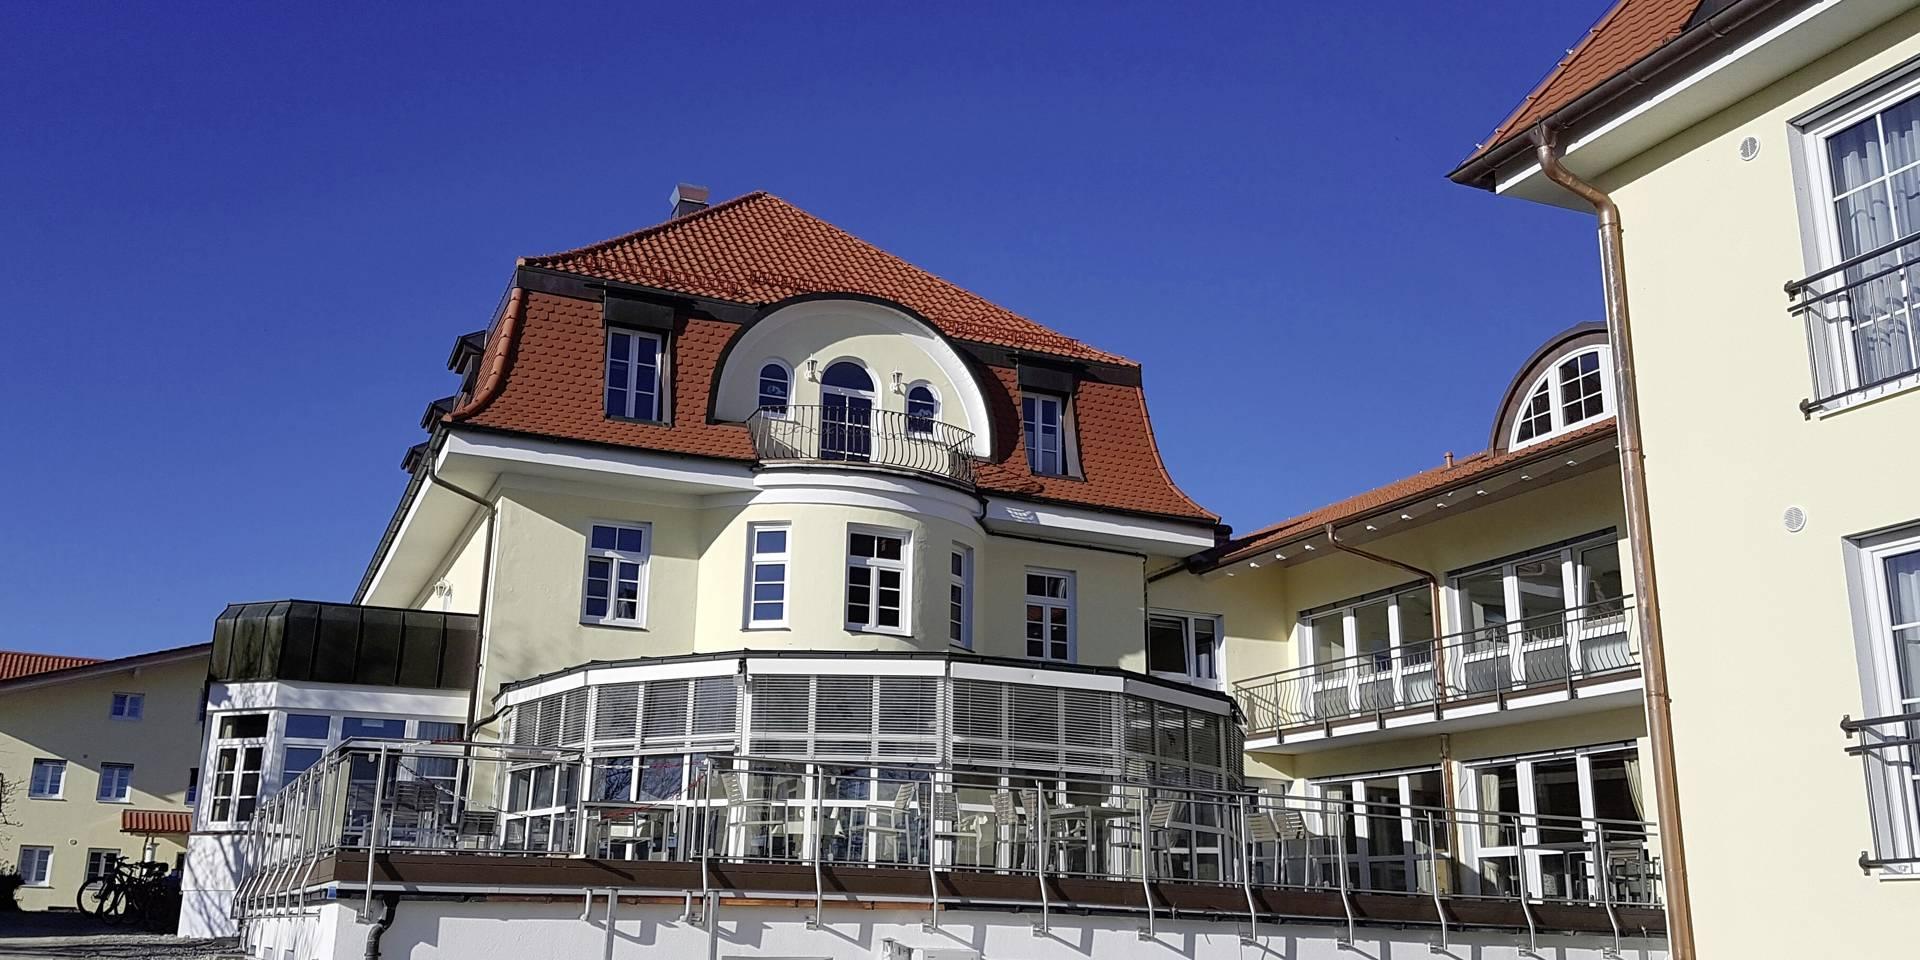 Klinik ChiemseeWinkel-Fachklinik für Psychosomatik und Psychotherapie